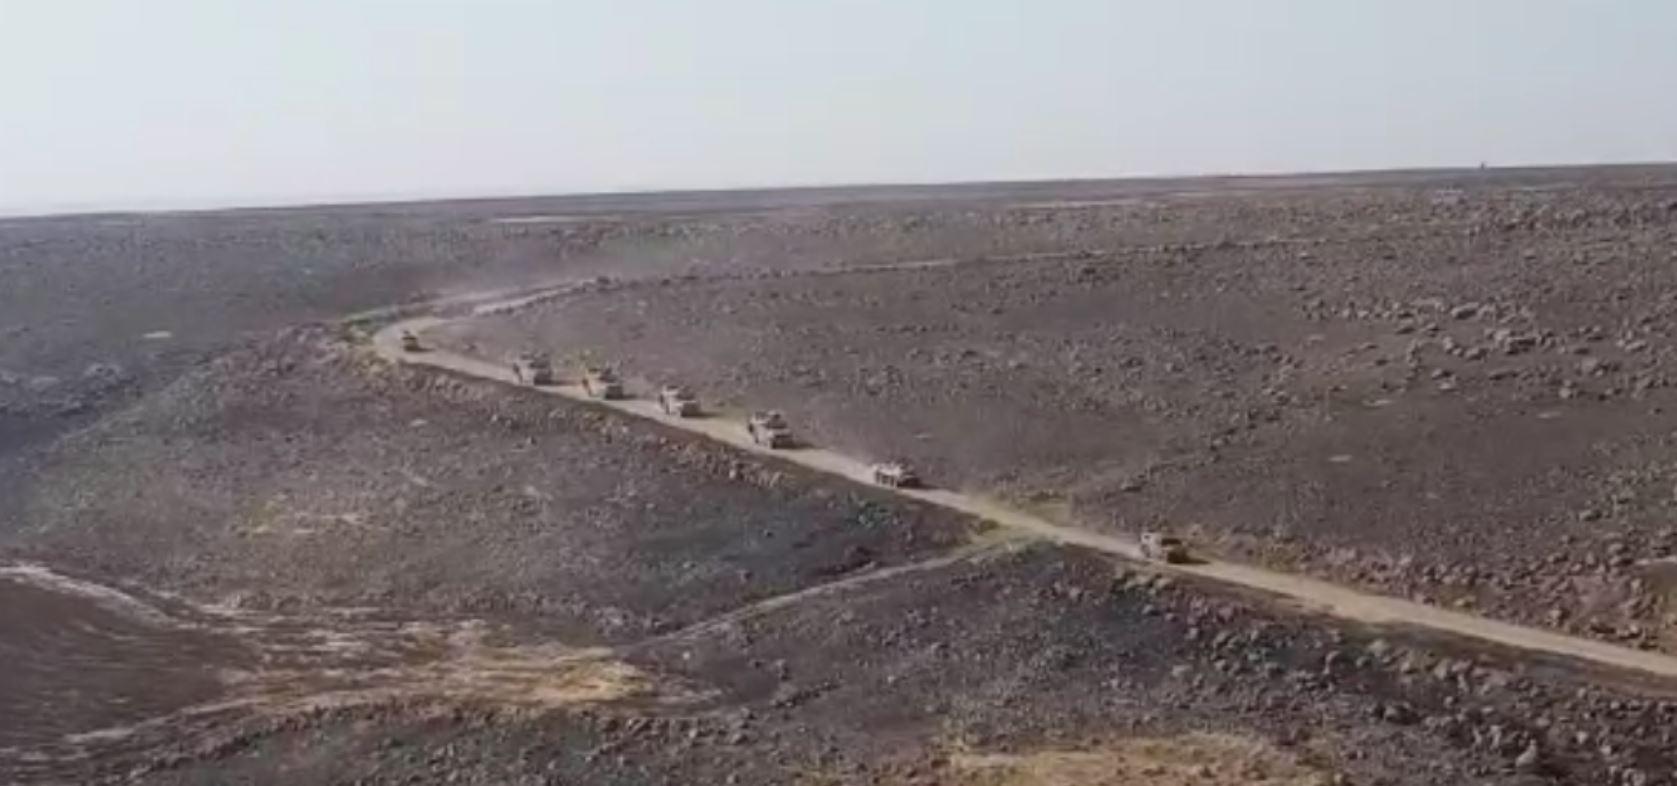 シリア・アラブの春 顛末記:最新シリア情勢ロシア軍の車列がハサカ県のカーミシュリー国際空港に、米軍の車列がカーミシュリー市近郊のハイムー村とカフターニーヤ市に到着(2019年11月16日)